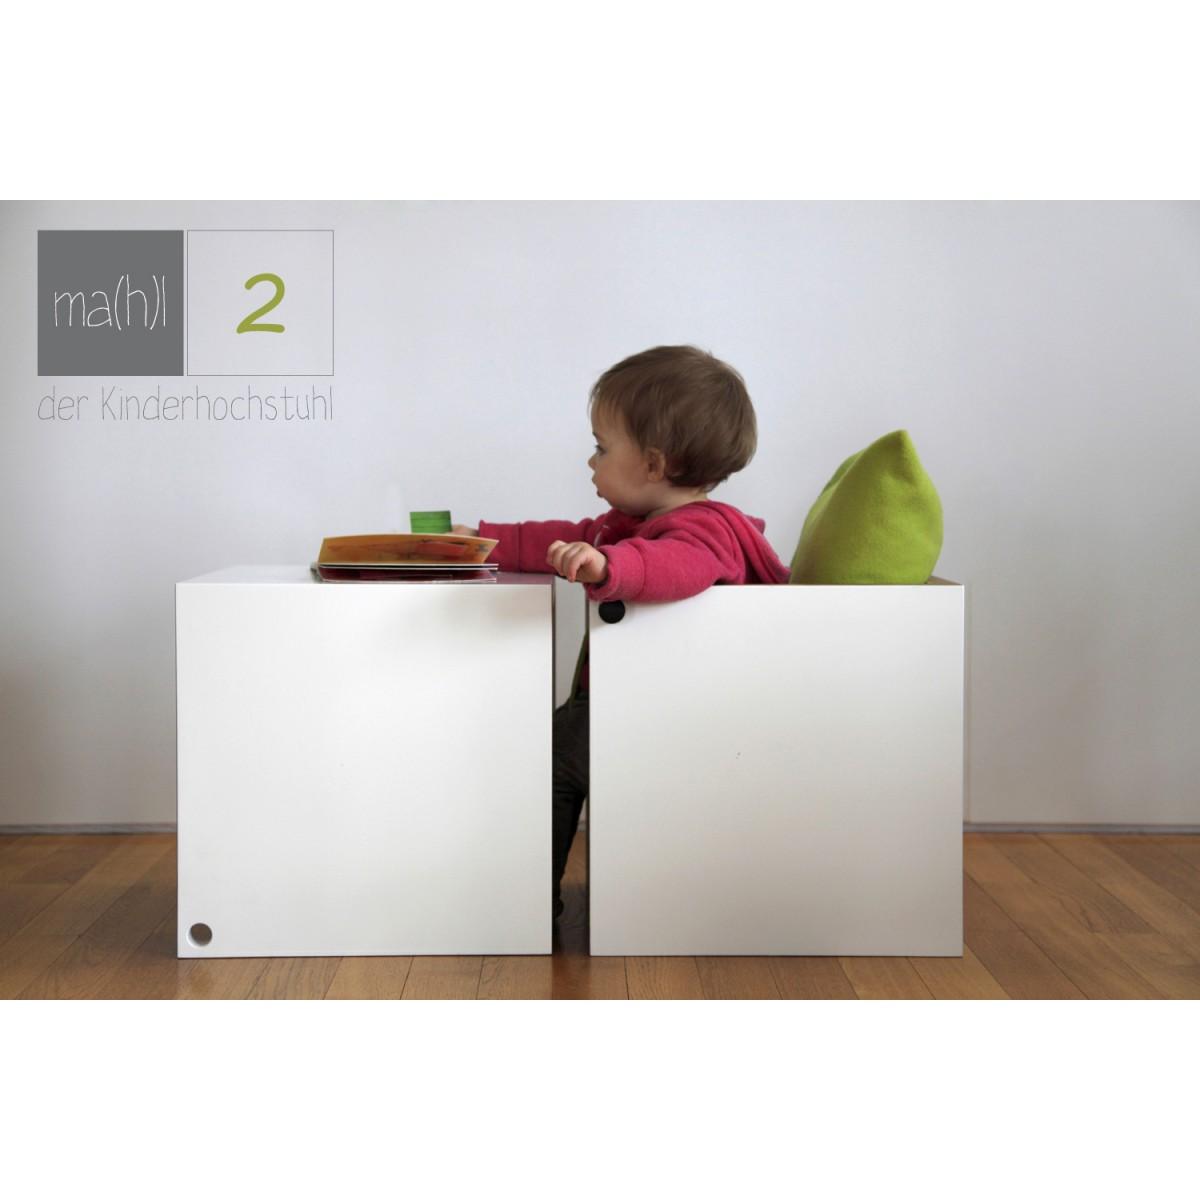 Kinderhochstuhl Ma(h)l 2 - Multiplex